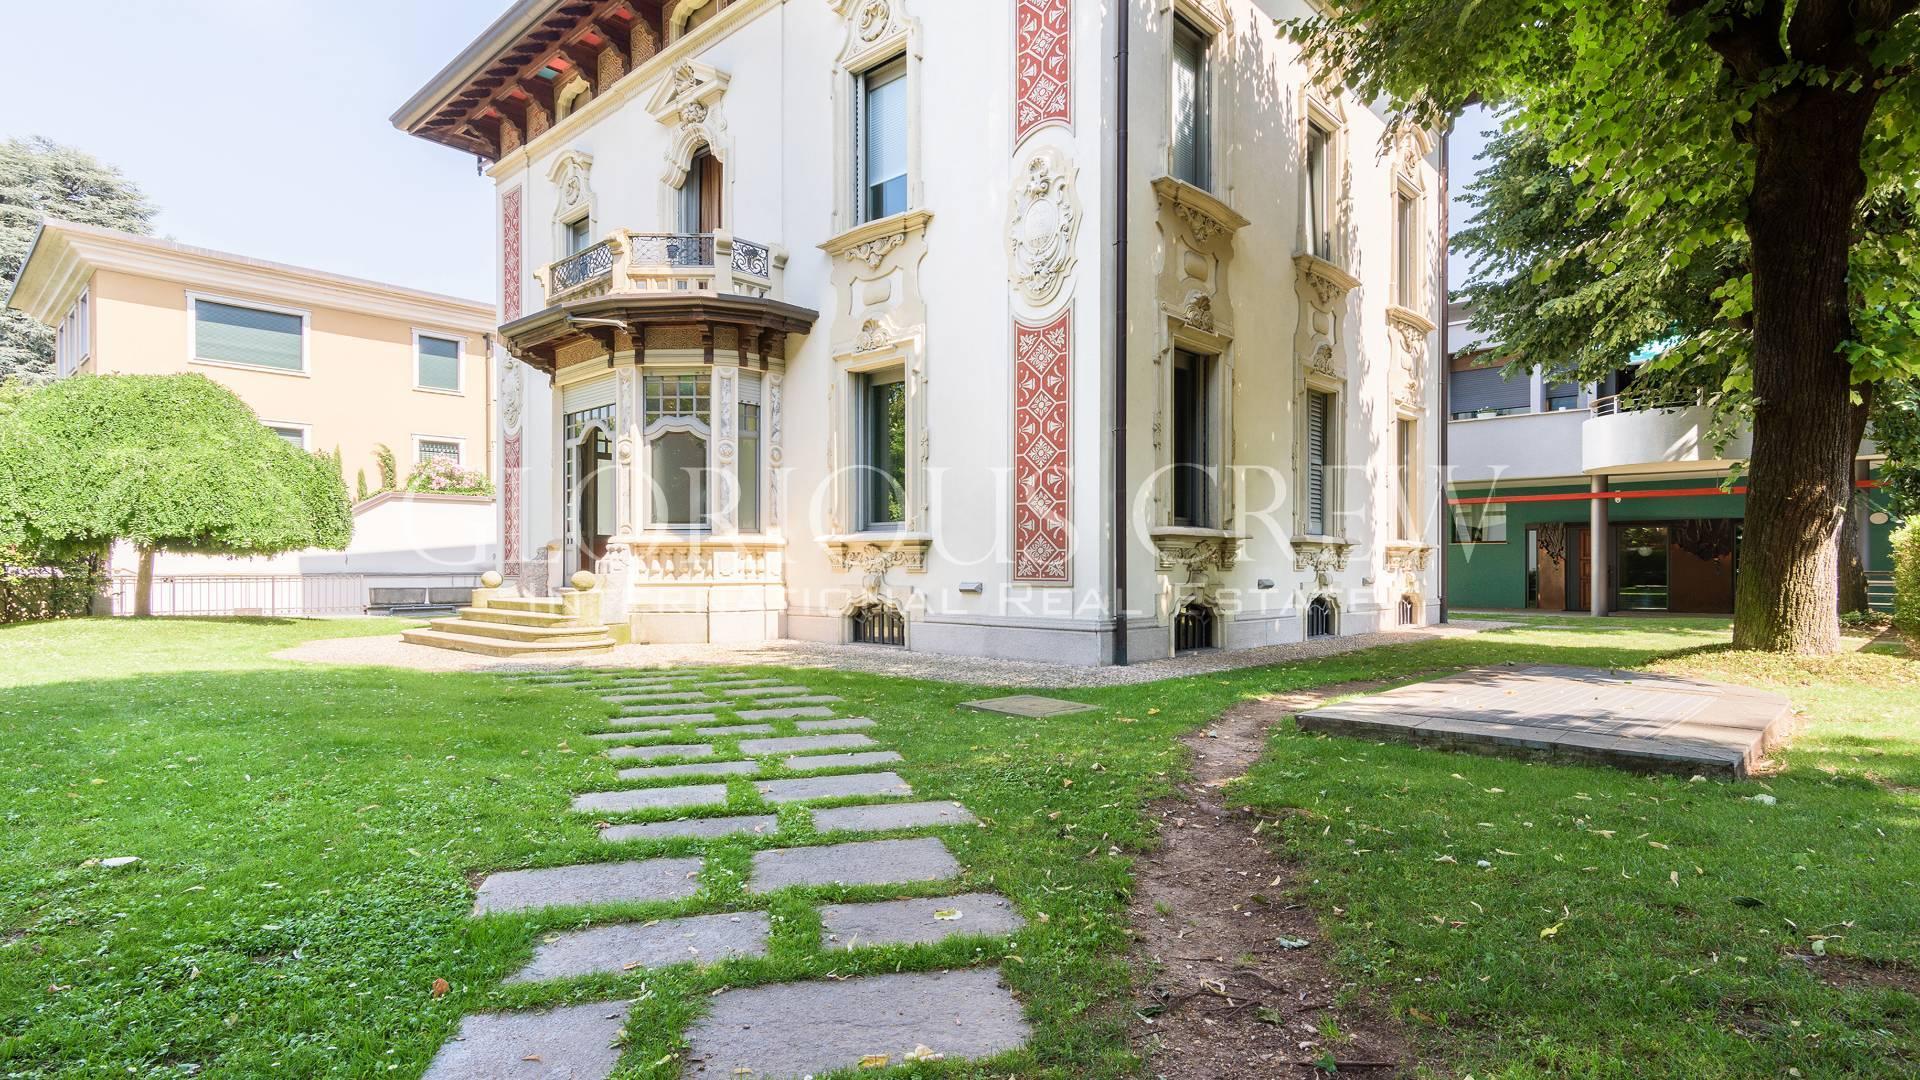 Villa in Vendita a Monza: 5 locali, 350 mq